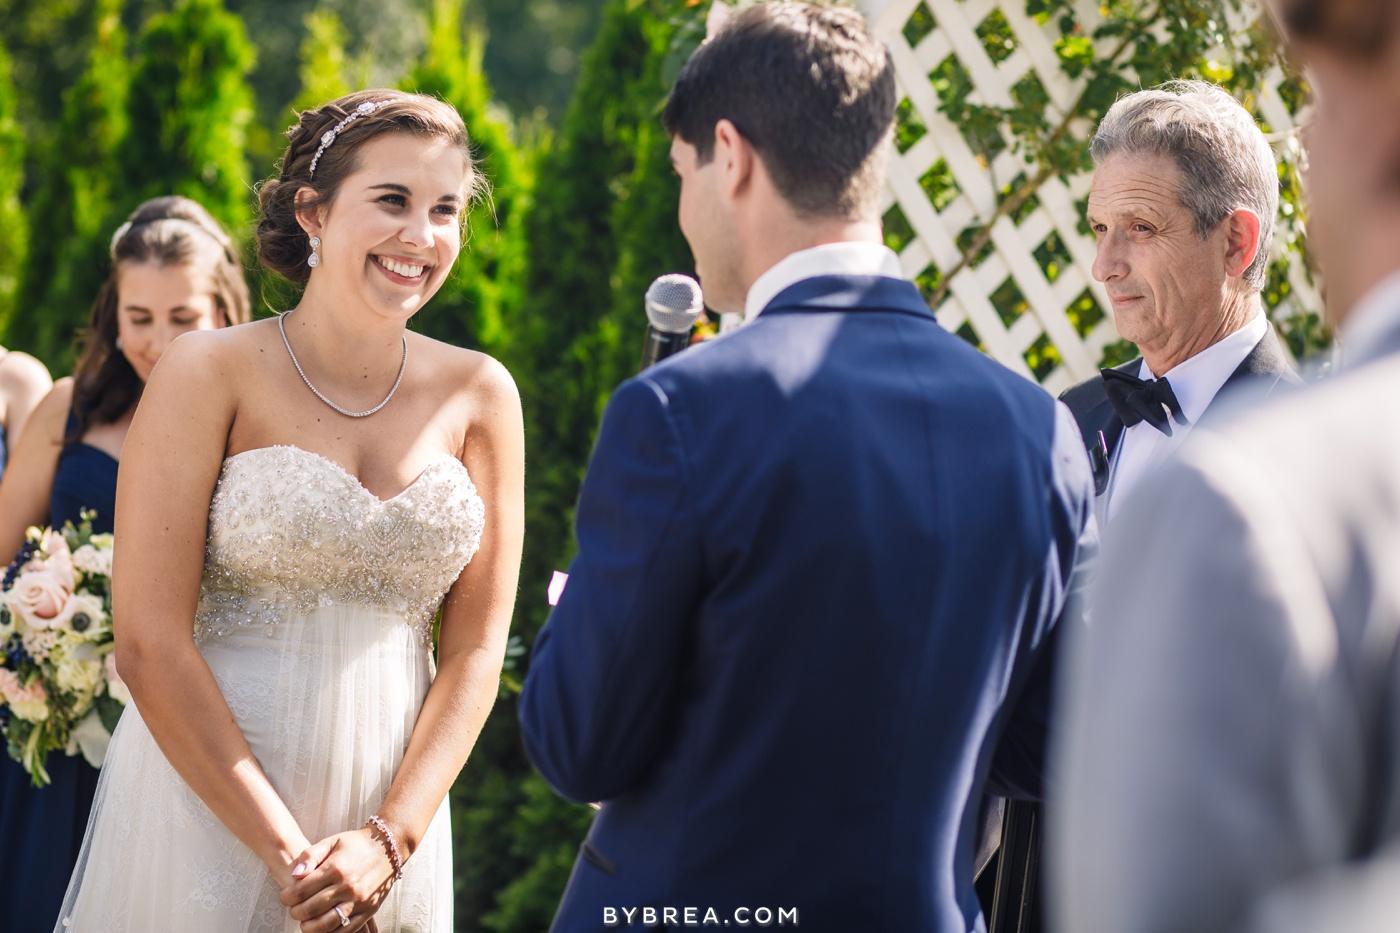 alyssa-richie-antrim-1844-wedding-photos_1620